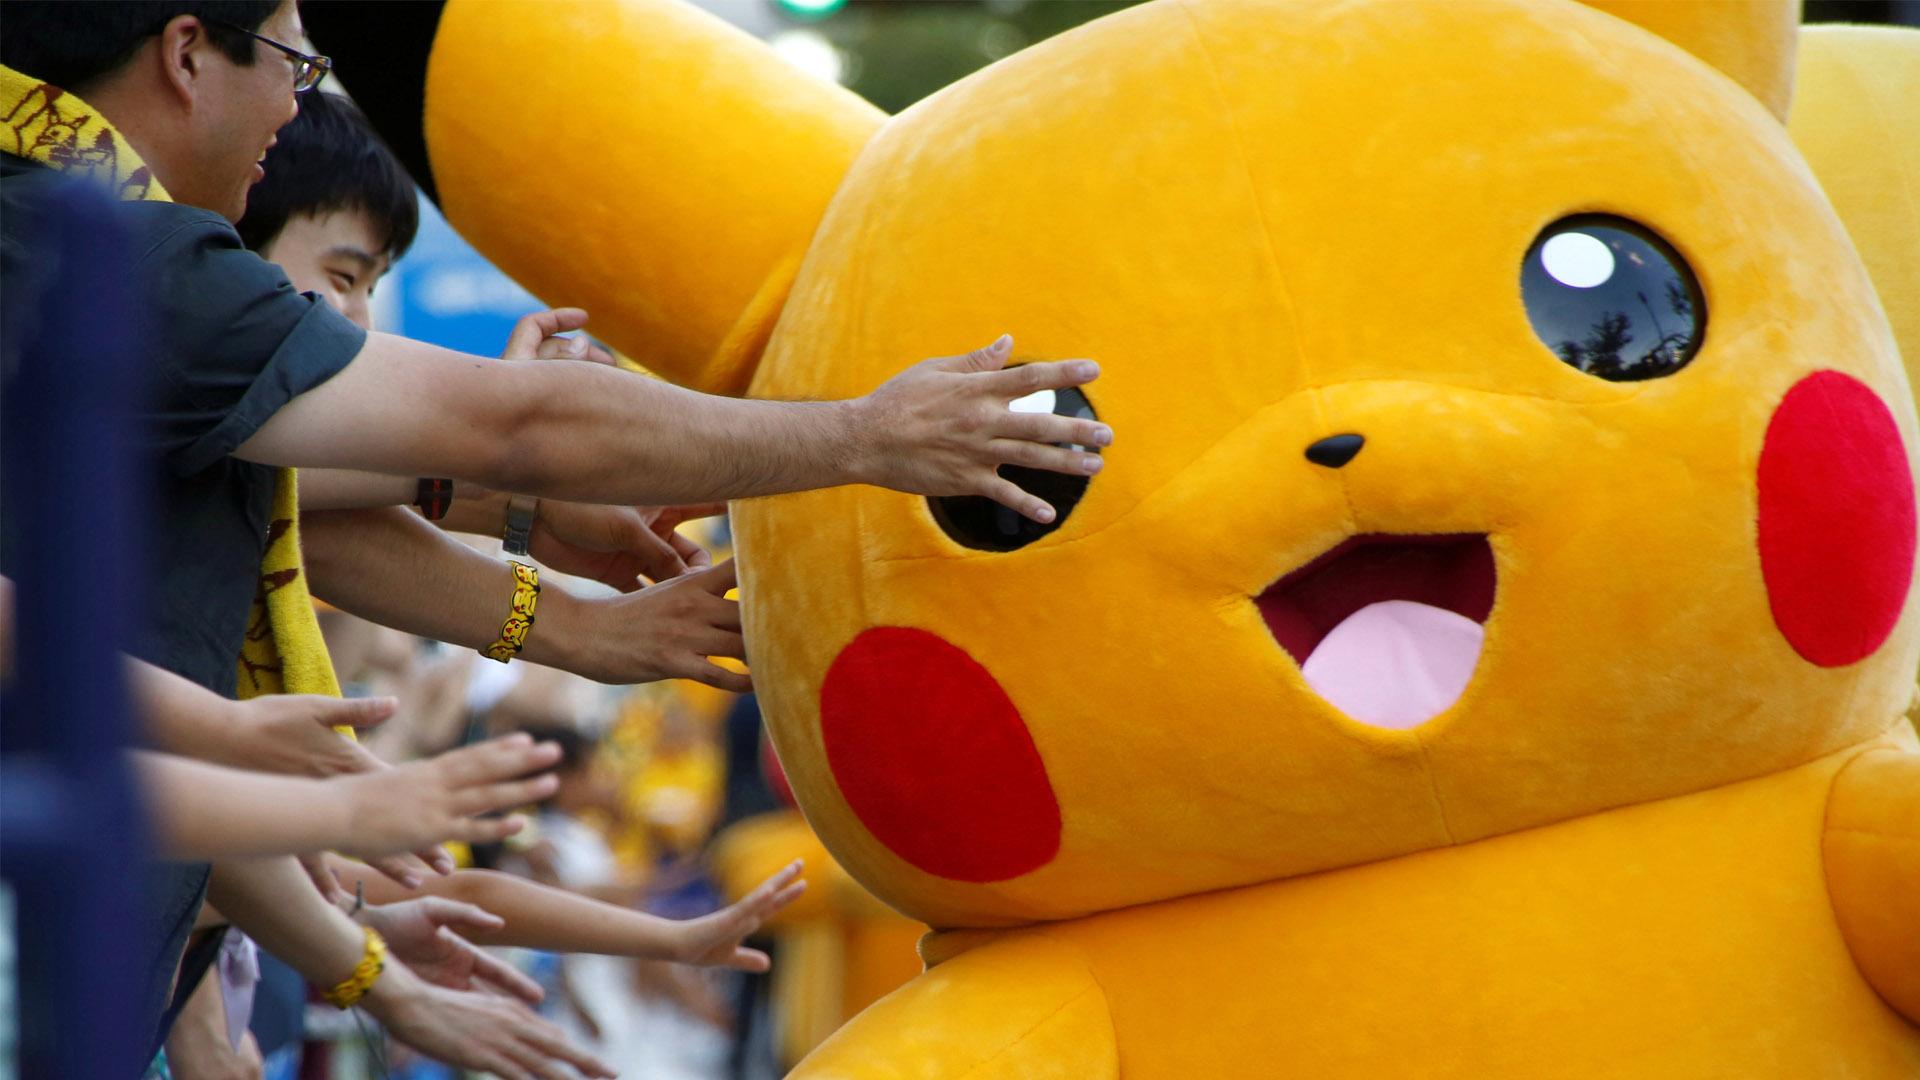 El singular personaje de la serie Pokémon, paseo por las calles Entreteniendo a las personas quienes tomaban fotos y reían